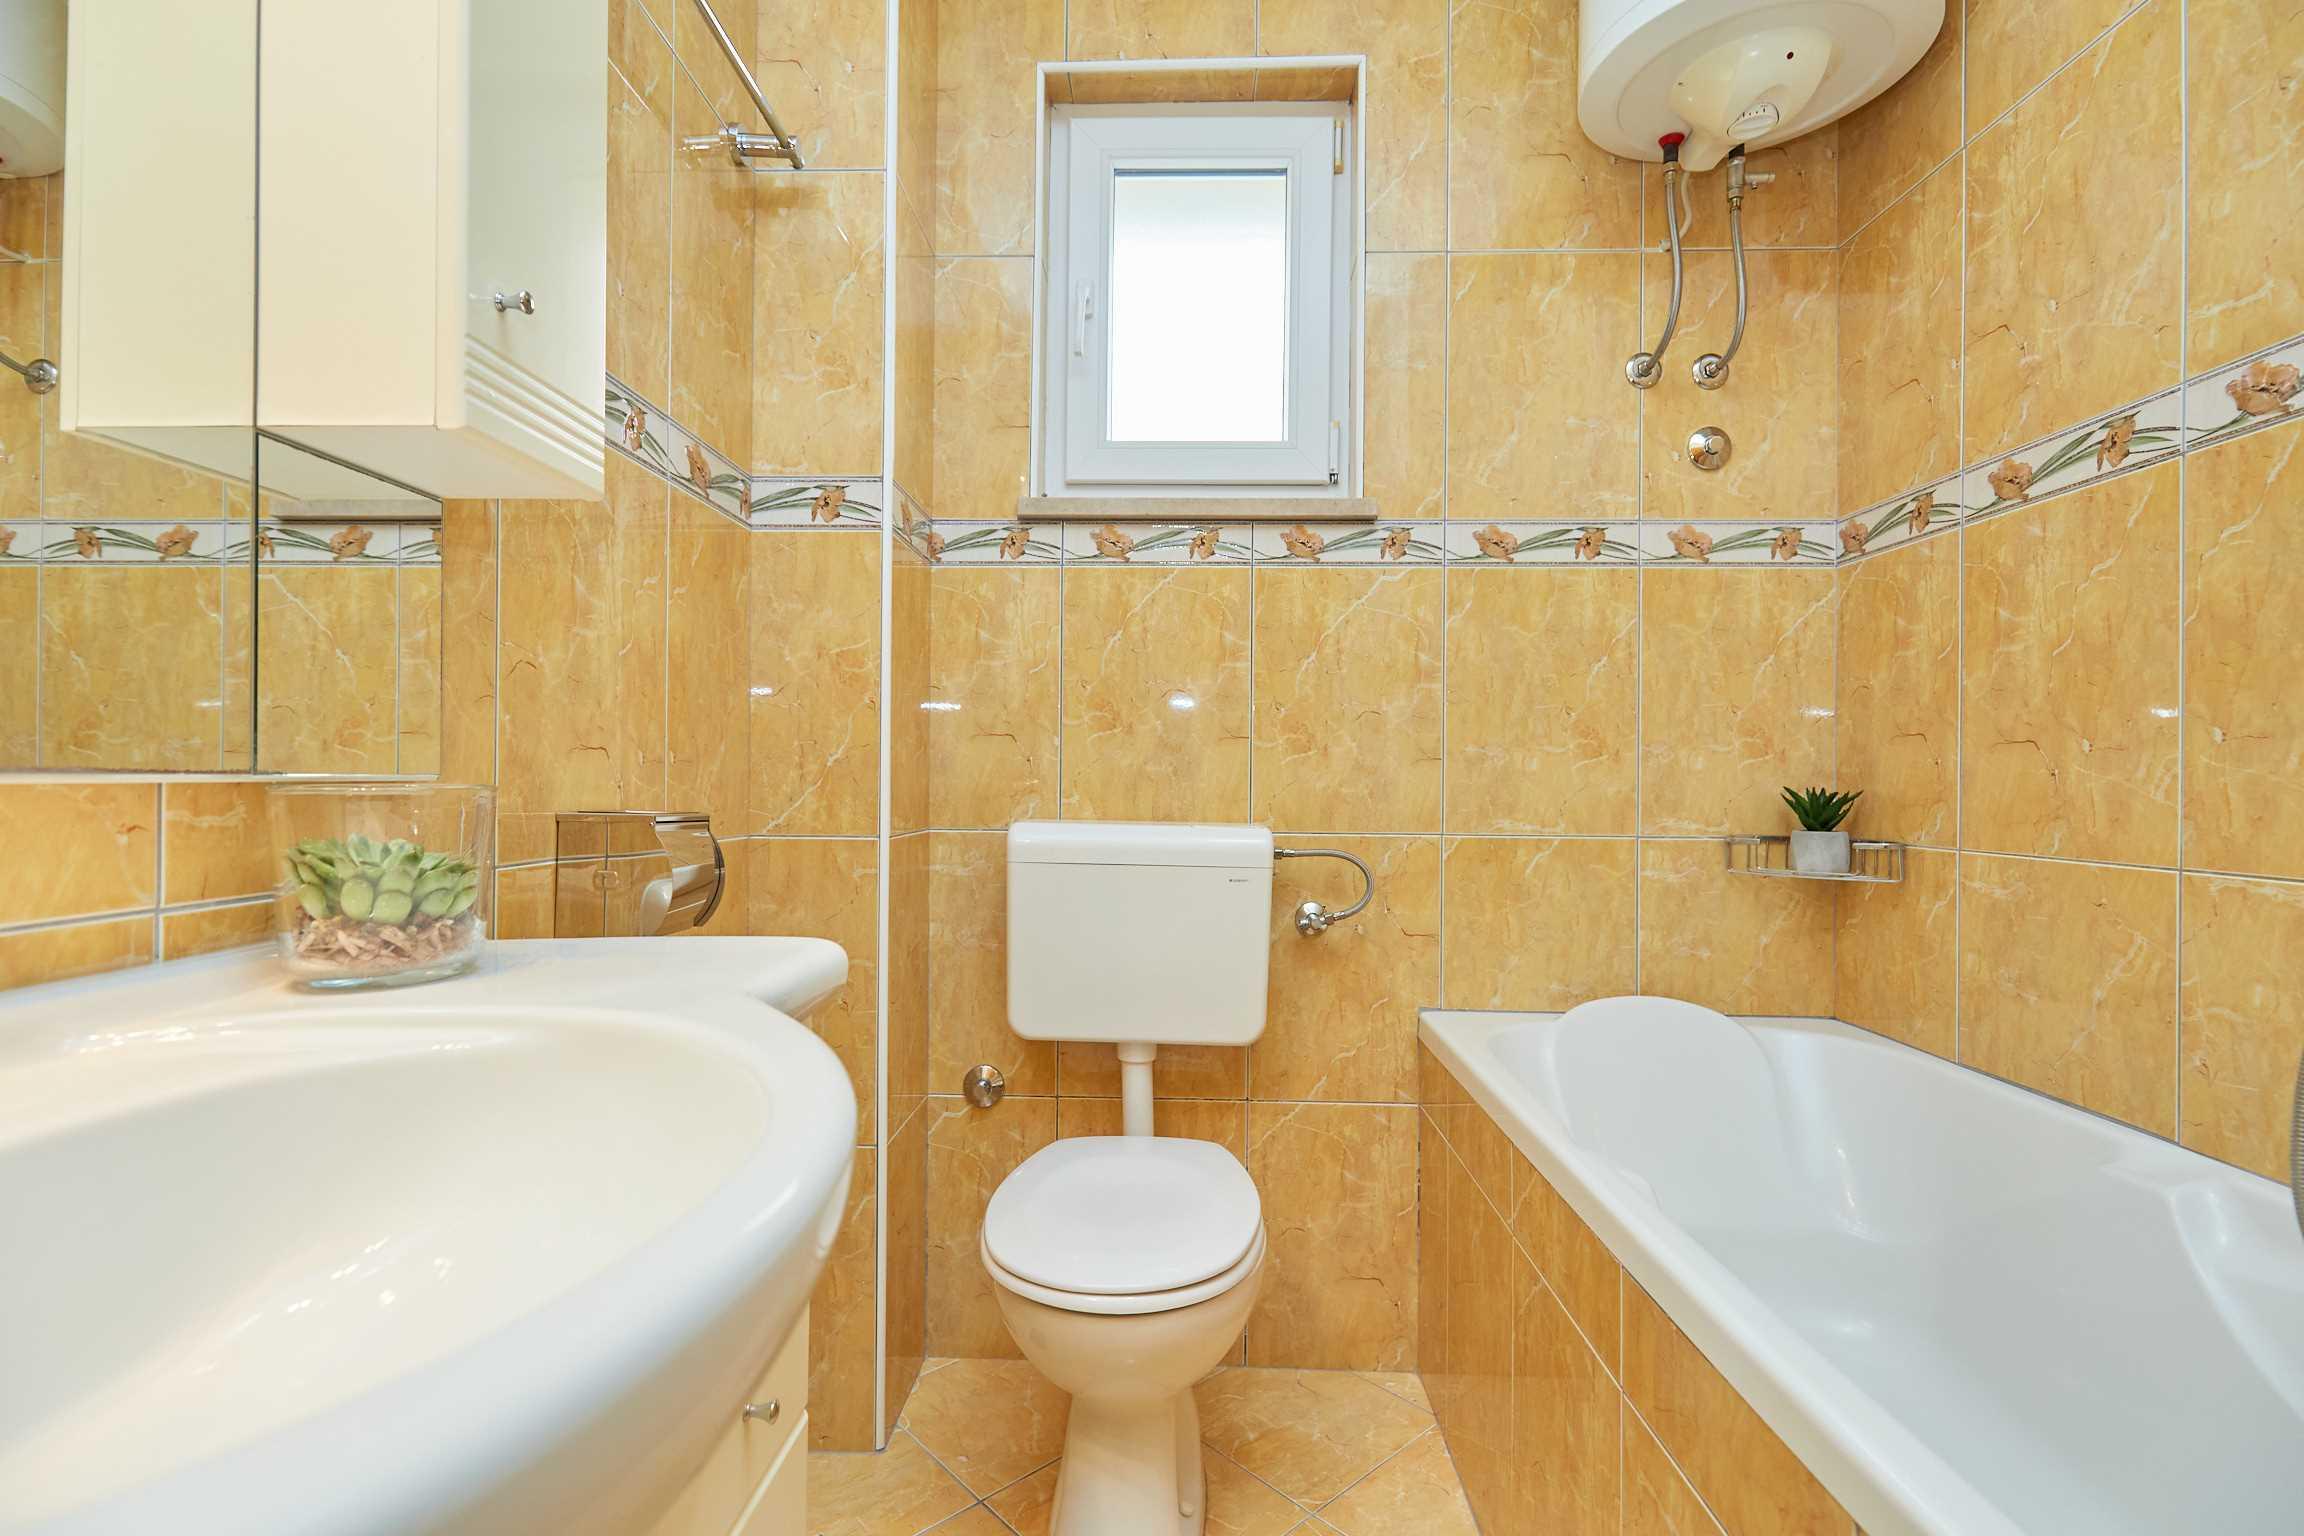 Aпартамент Yellow Apartment 2+2 50098, Tučepi, , Сплит-Далмация